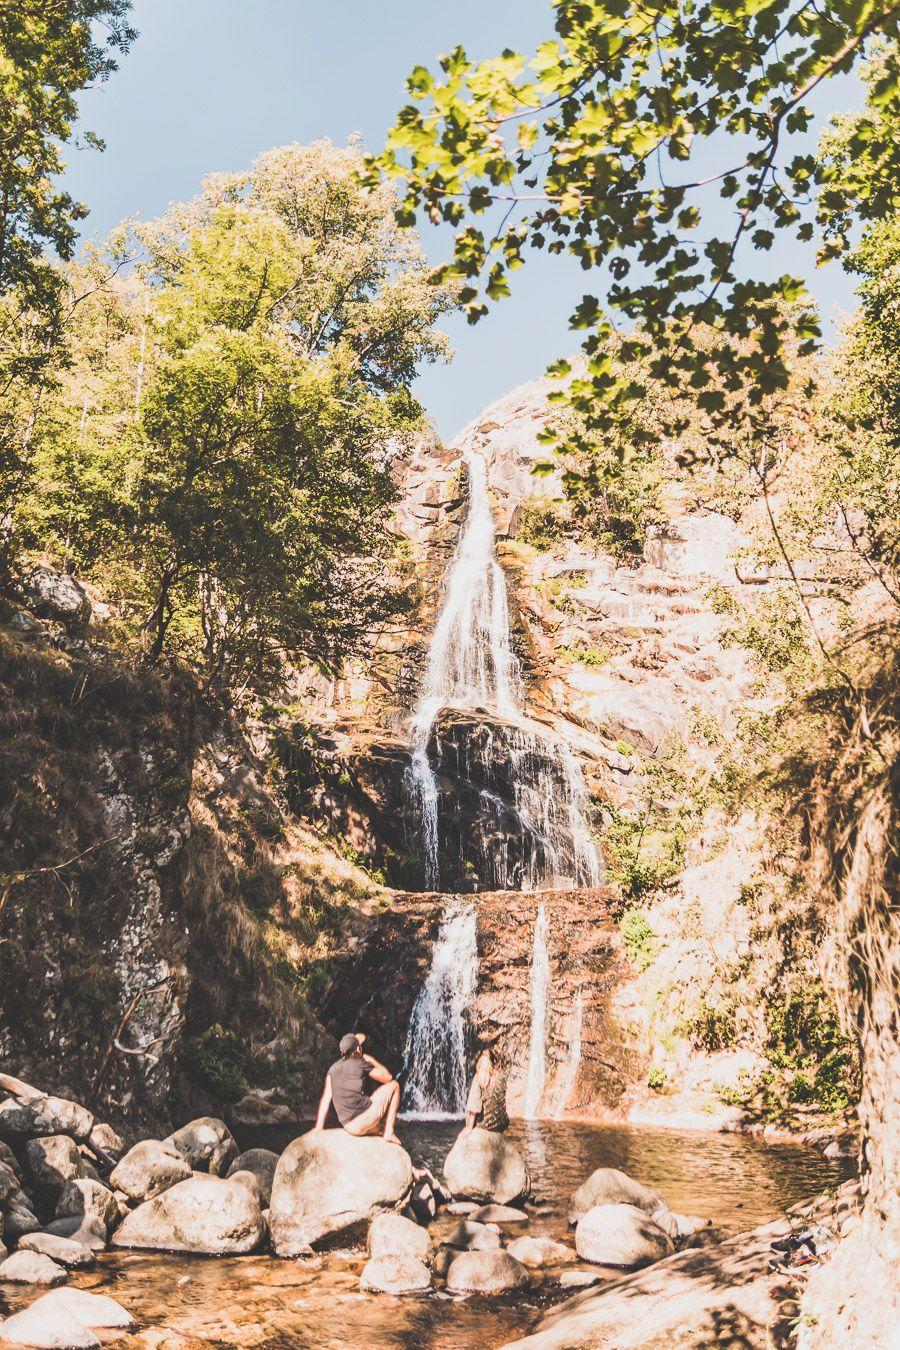 Un incontournable lors d'un week-end en Lozère : la cascade de Runes